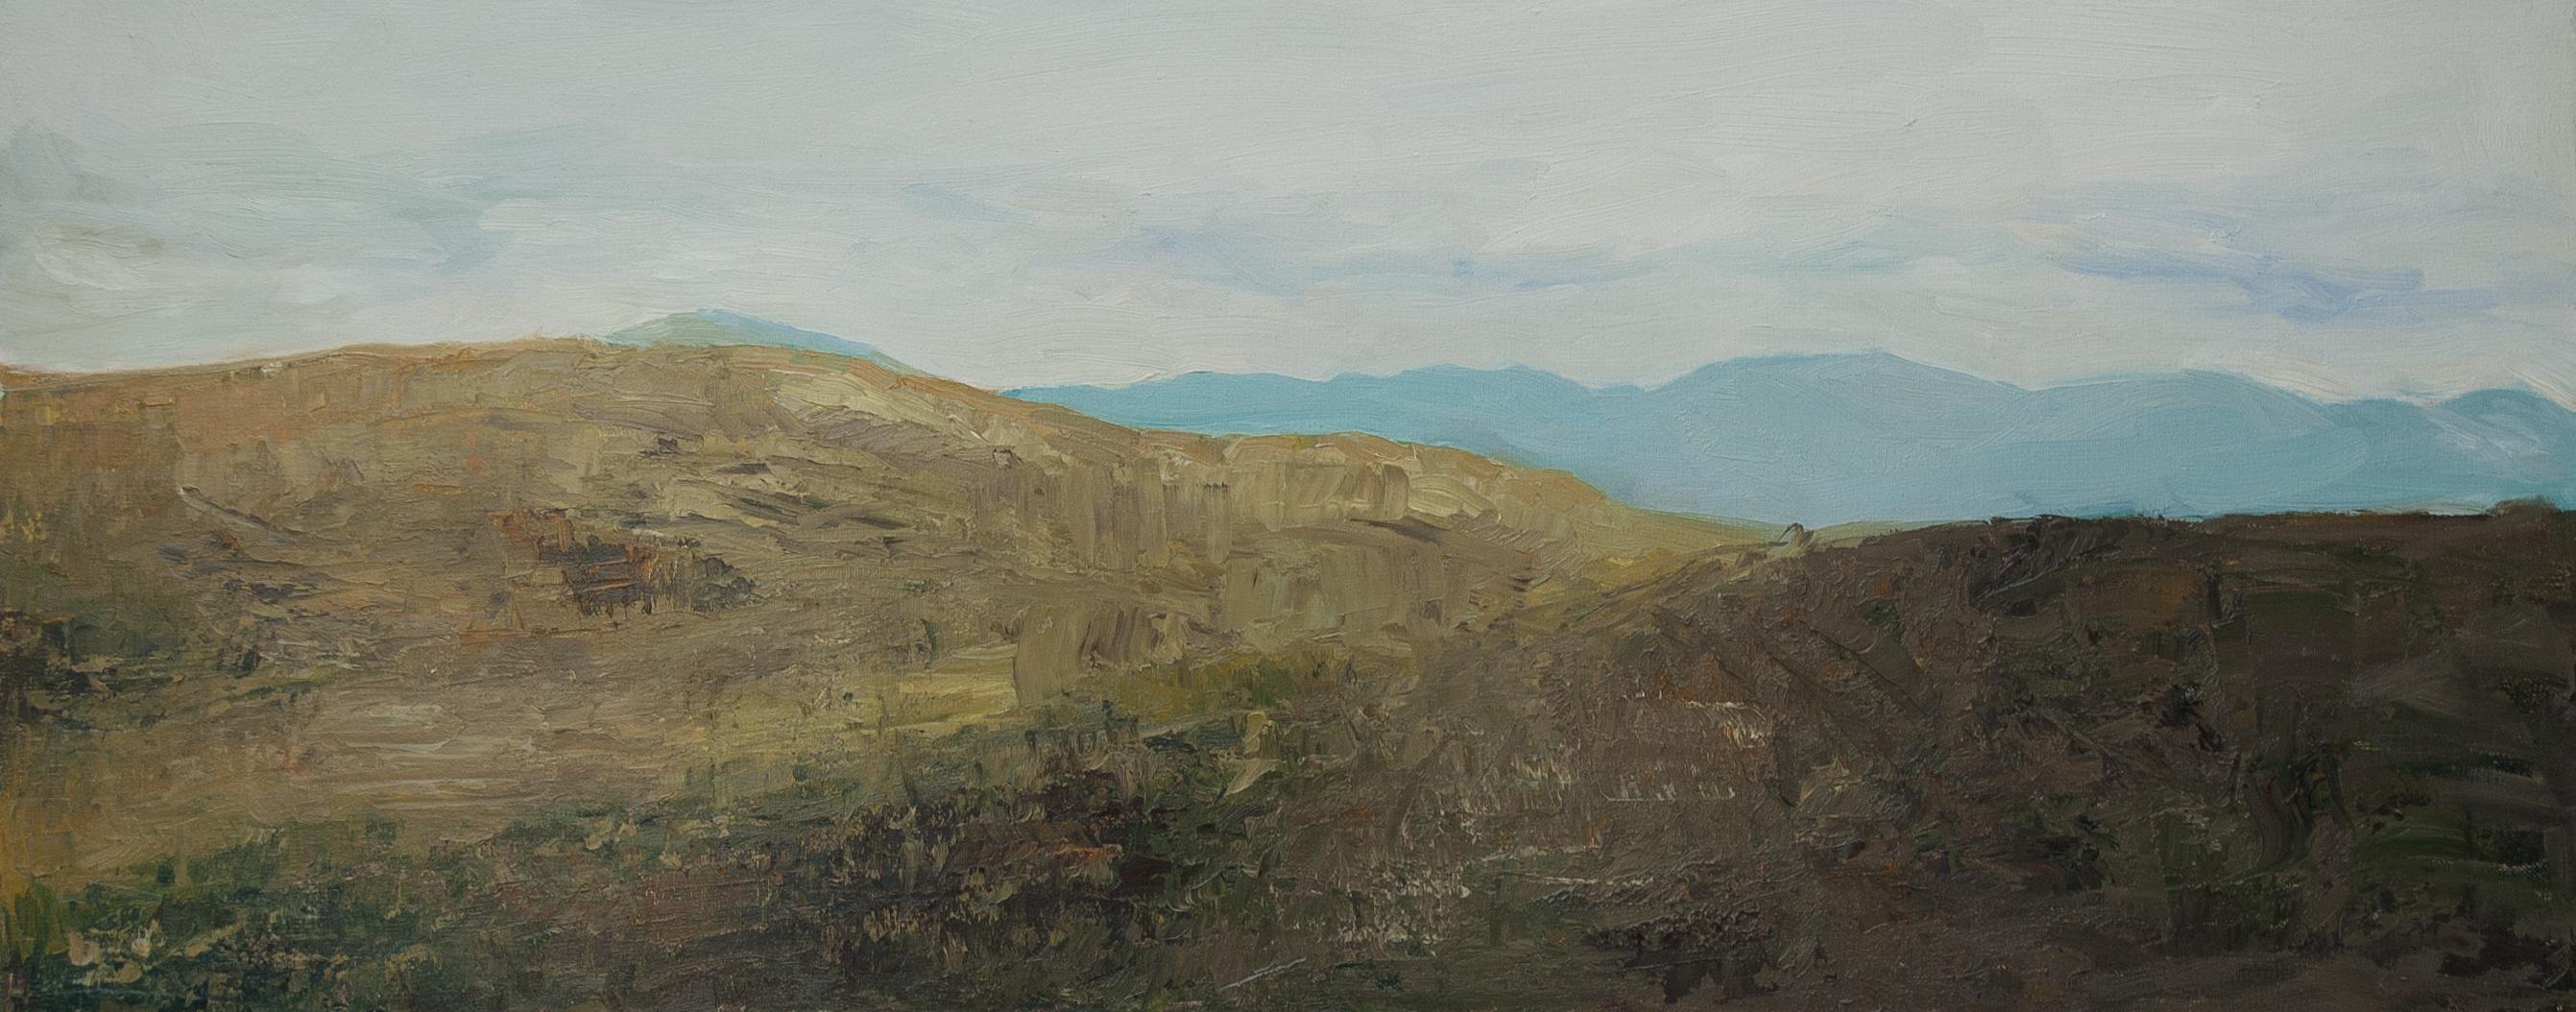 Landscape #4